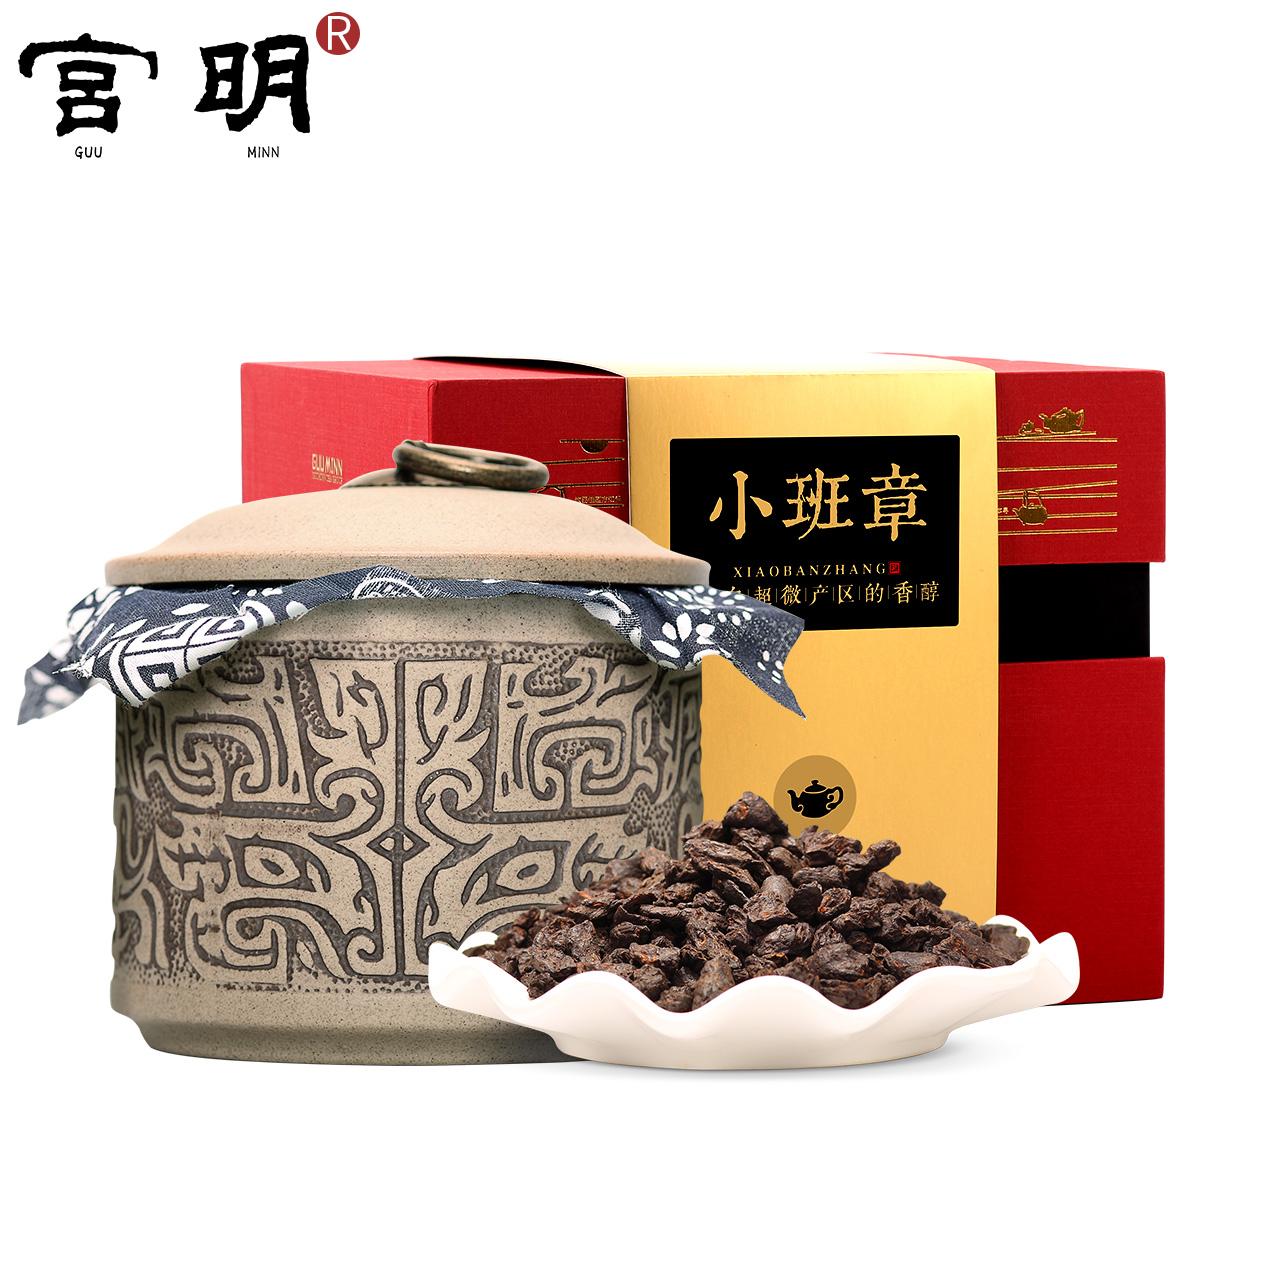 宫明茶叶 2001年小班章古树茶 醇香茶化石 碎银子 云南普洱茶熟茶